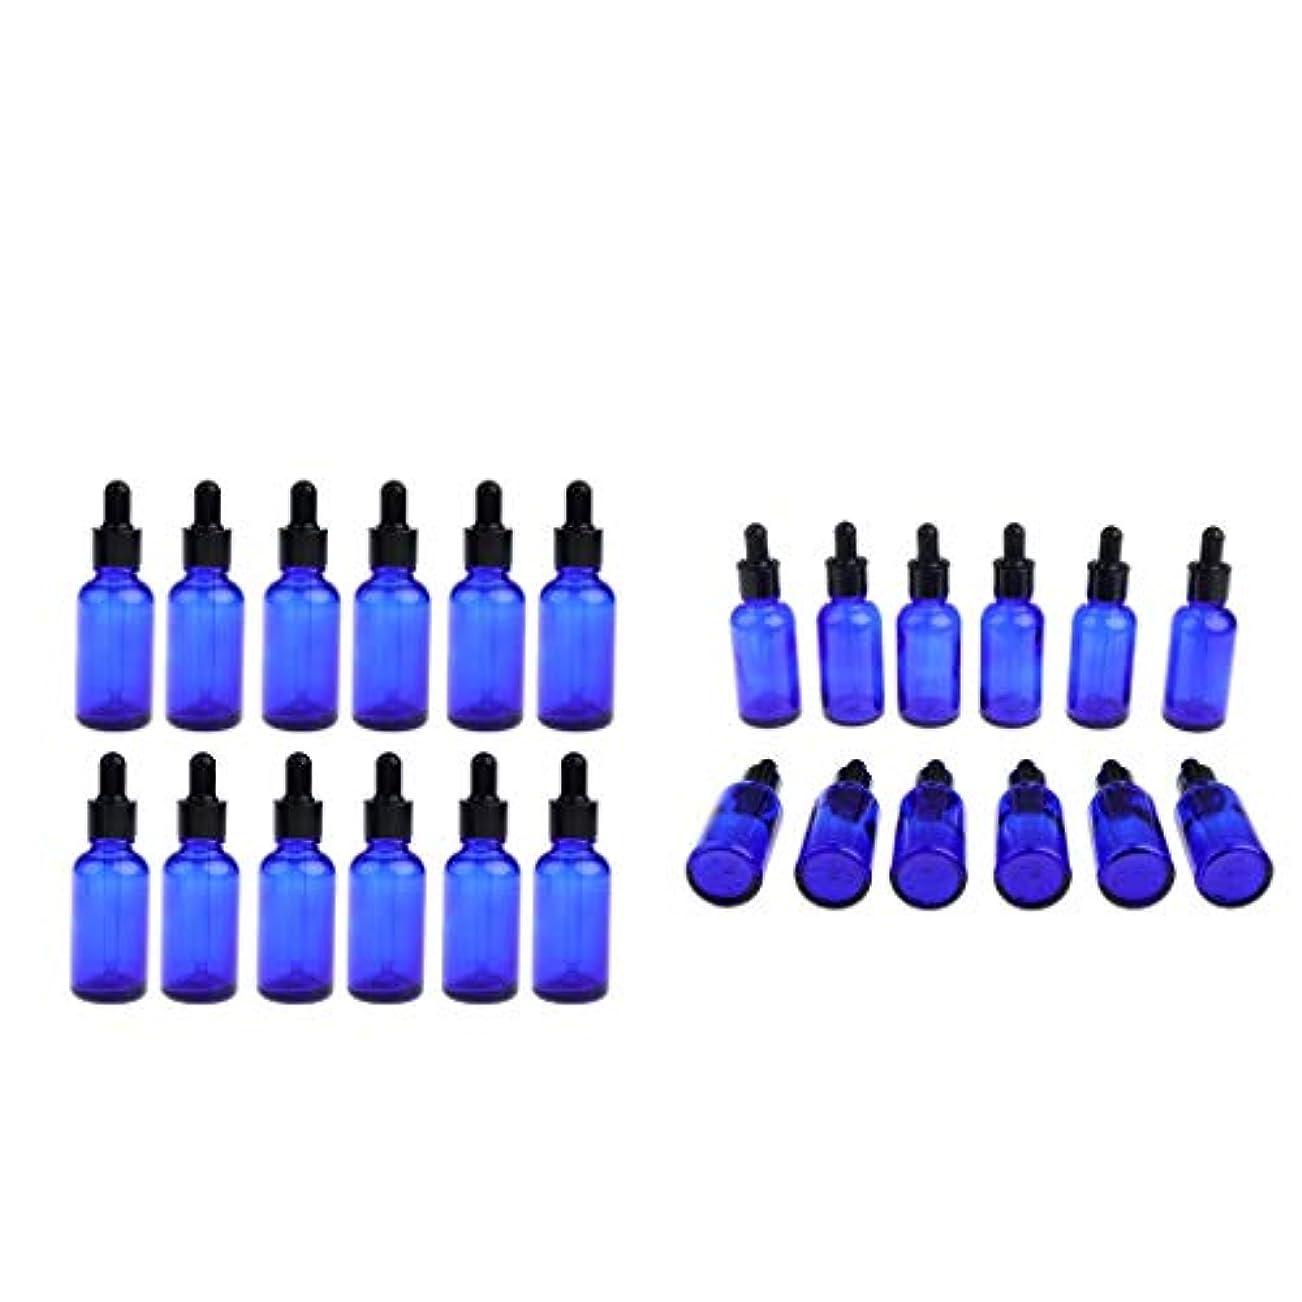 災害即席生産性dailymall エッセンシャルオイル詰め替え可能な空のドロッパーボトル-24ピースガラスボトルDIYブレンド用品アクセサリー